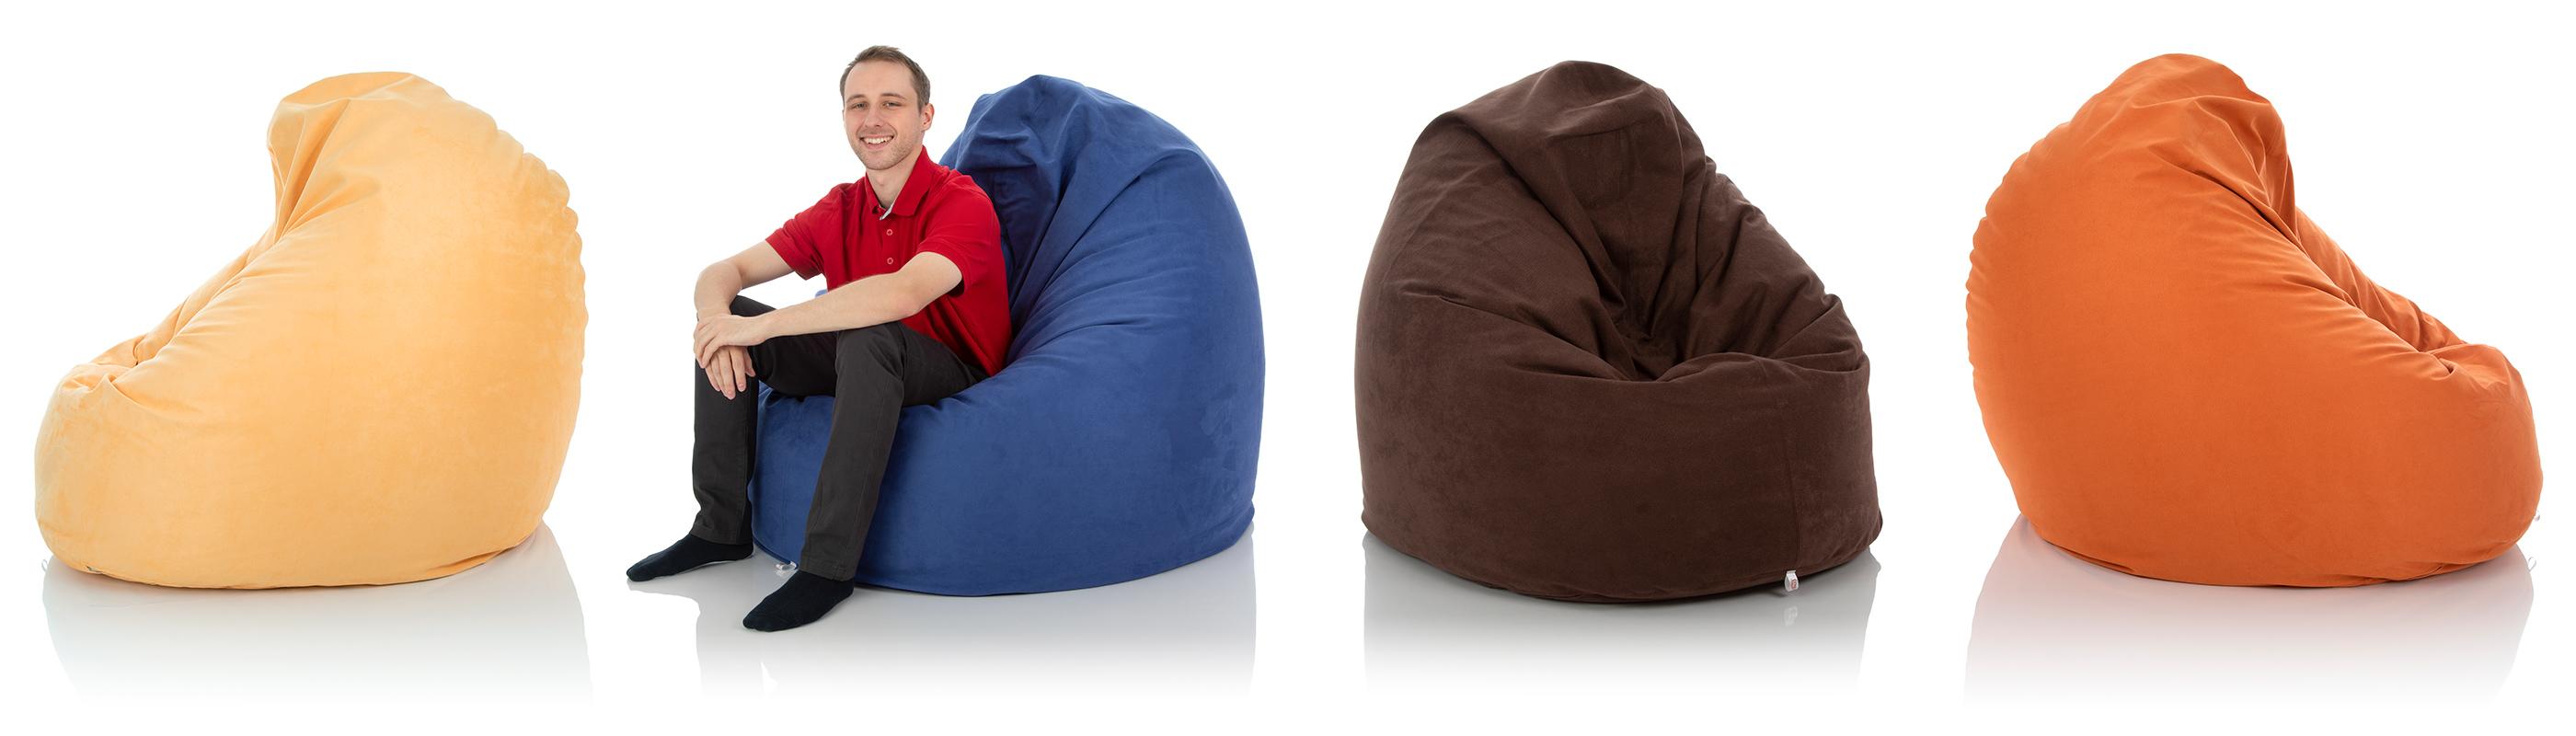 XXL Riesen Lounge-Sitzsack-Sessel von frago in den Farben sand-gelb, blau, braun und orange im Vergleich